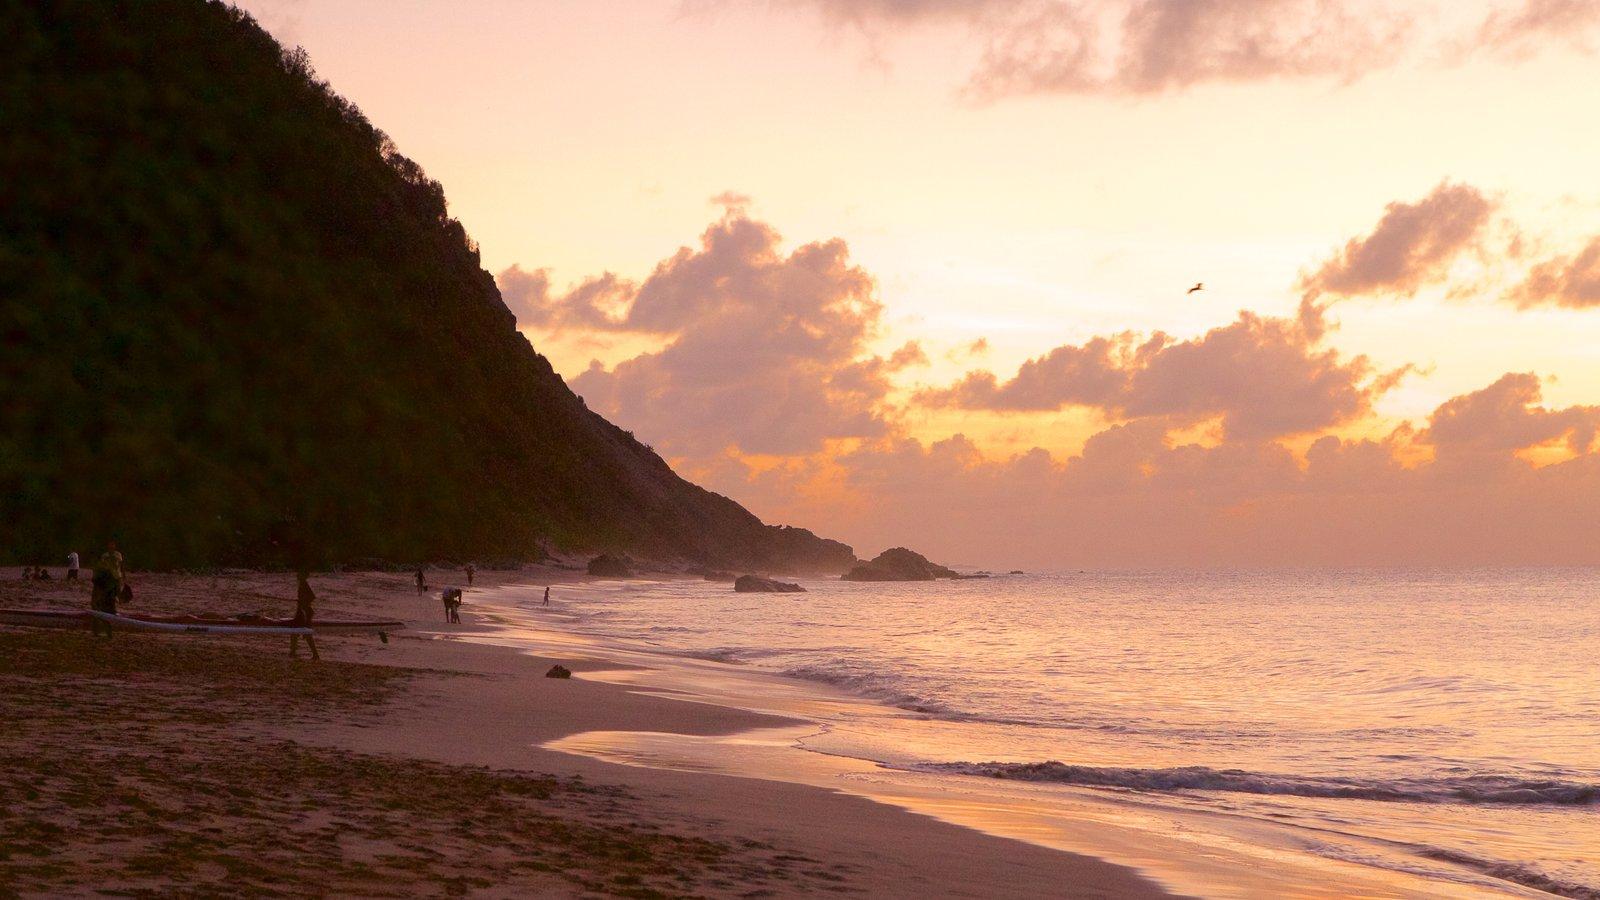 Praia da Conceição mostrando uma praia de areia e um pôr do sol